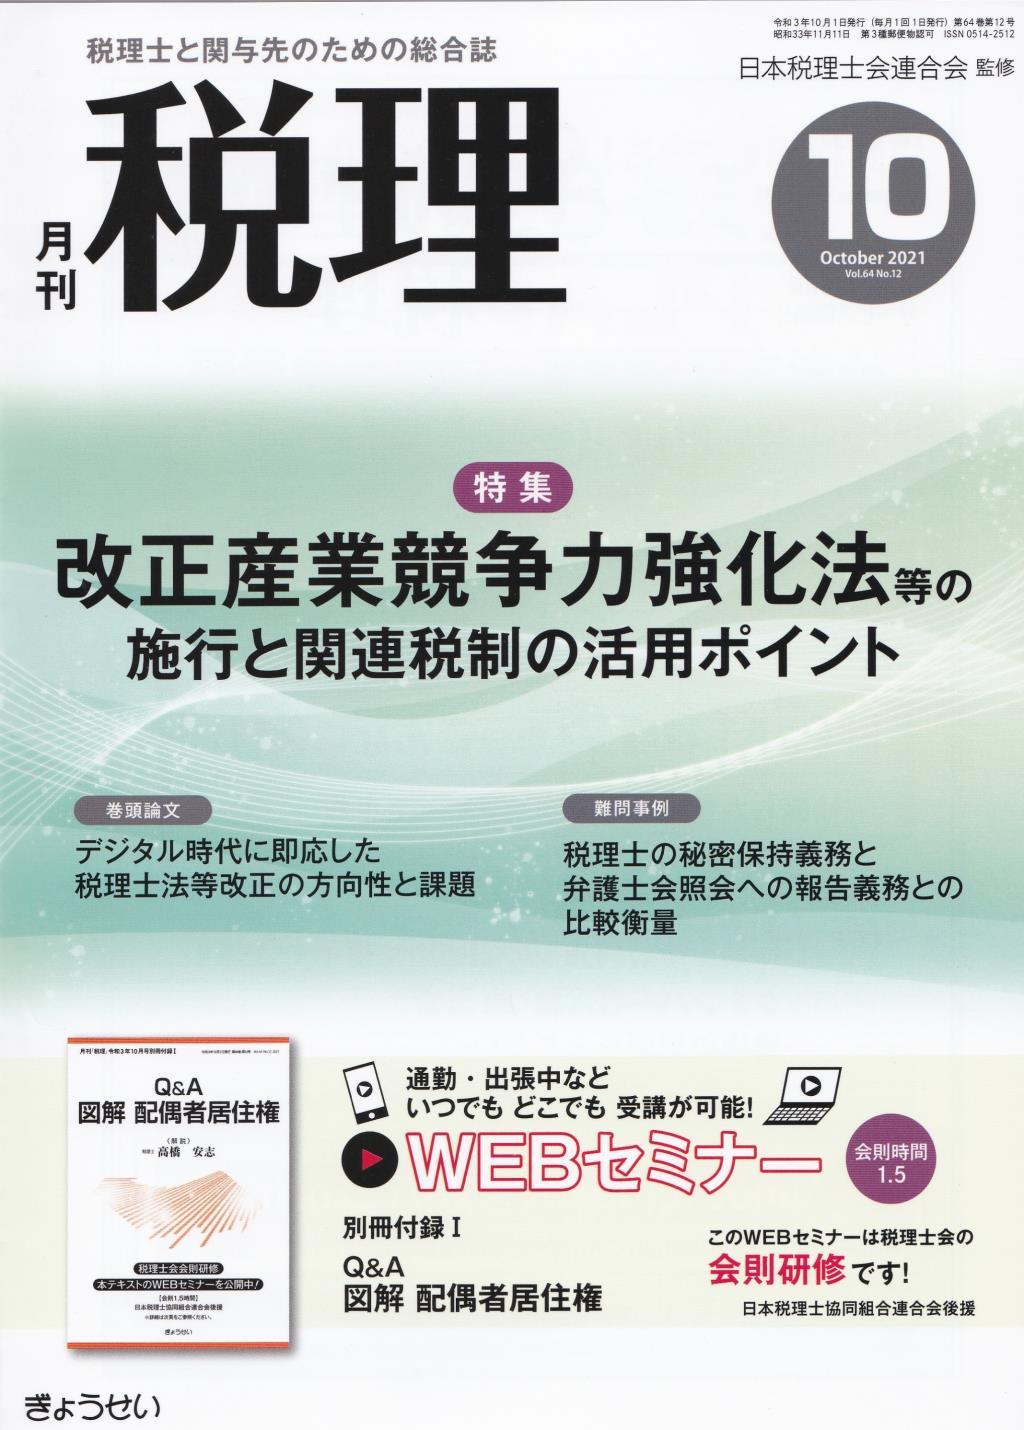 月刊 税理 2021年10月号(第64巻第12号)